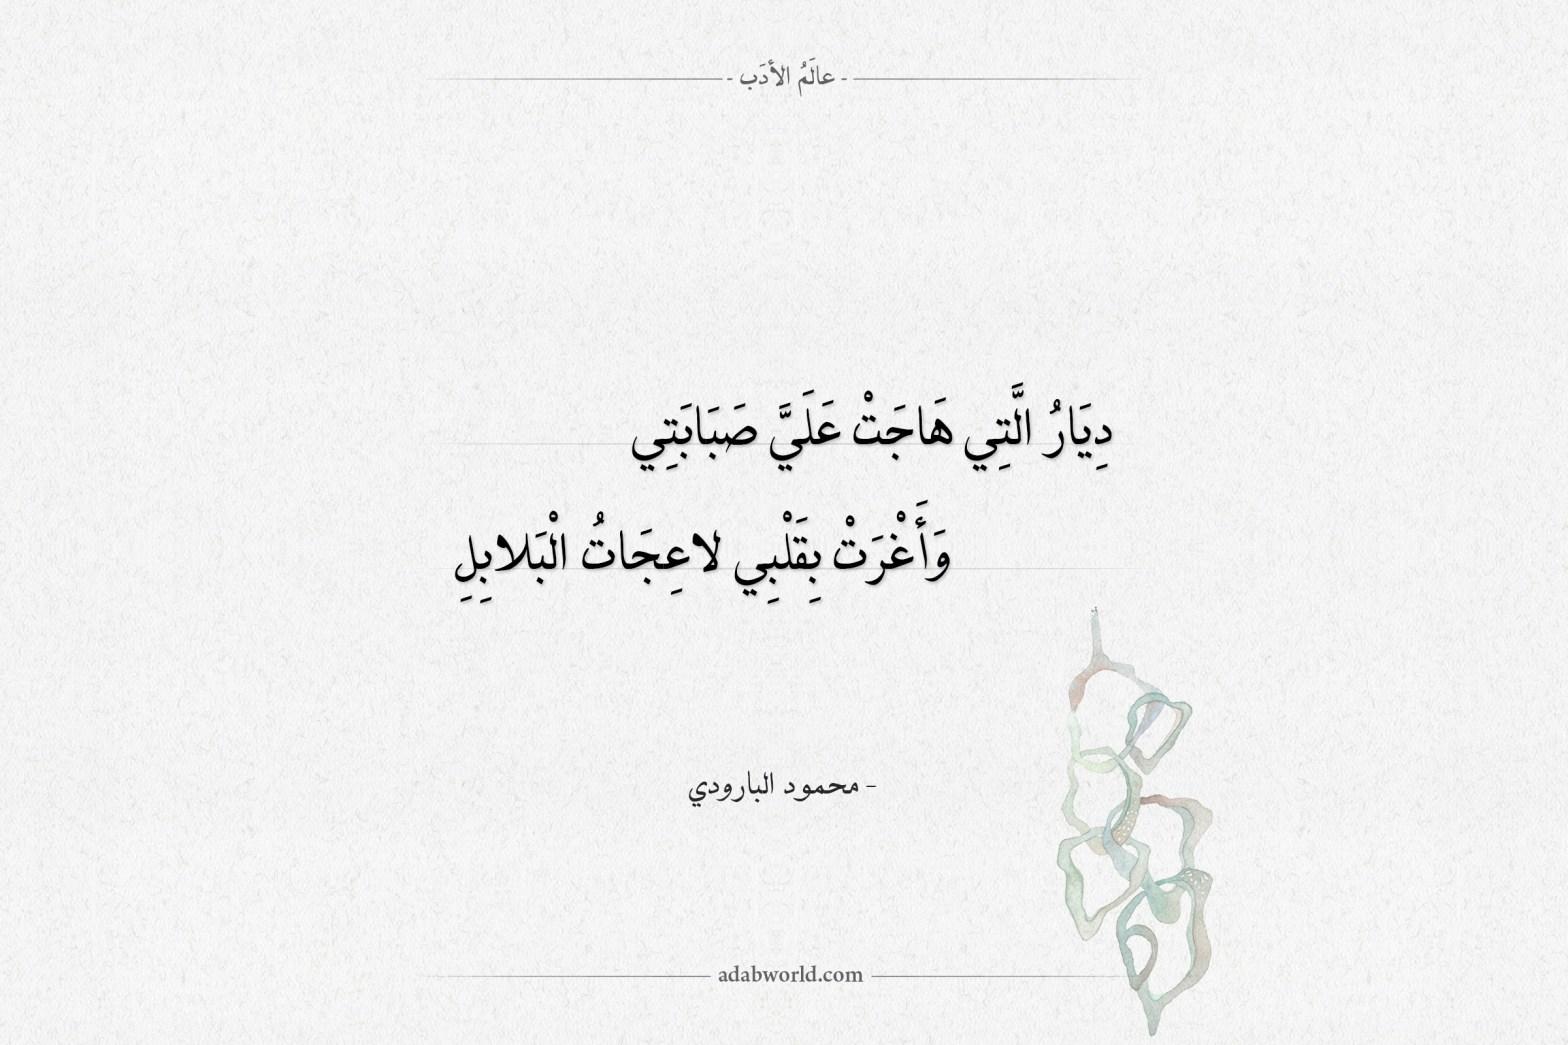 شعر محمود البارودي فللعين منها بعد تزيال أهلها